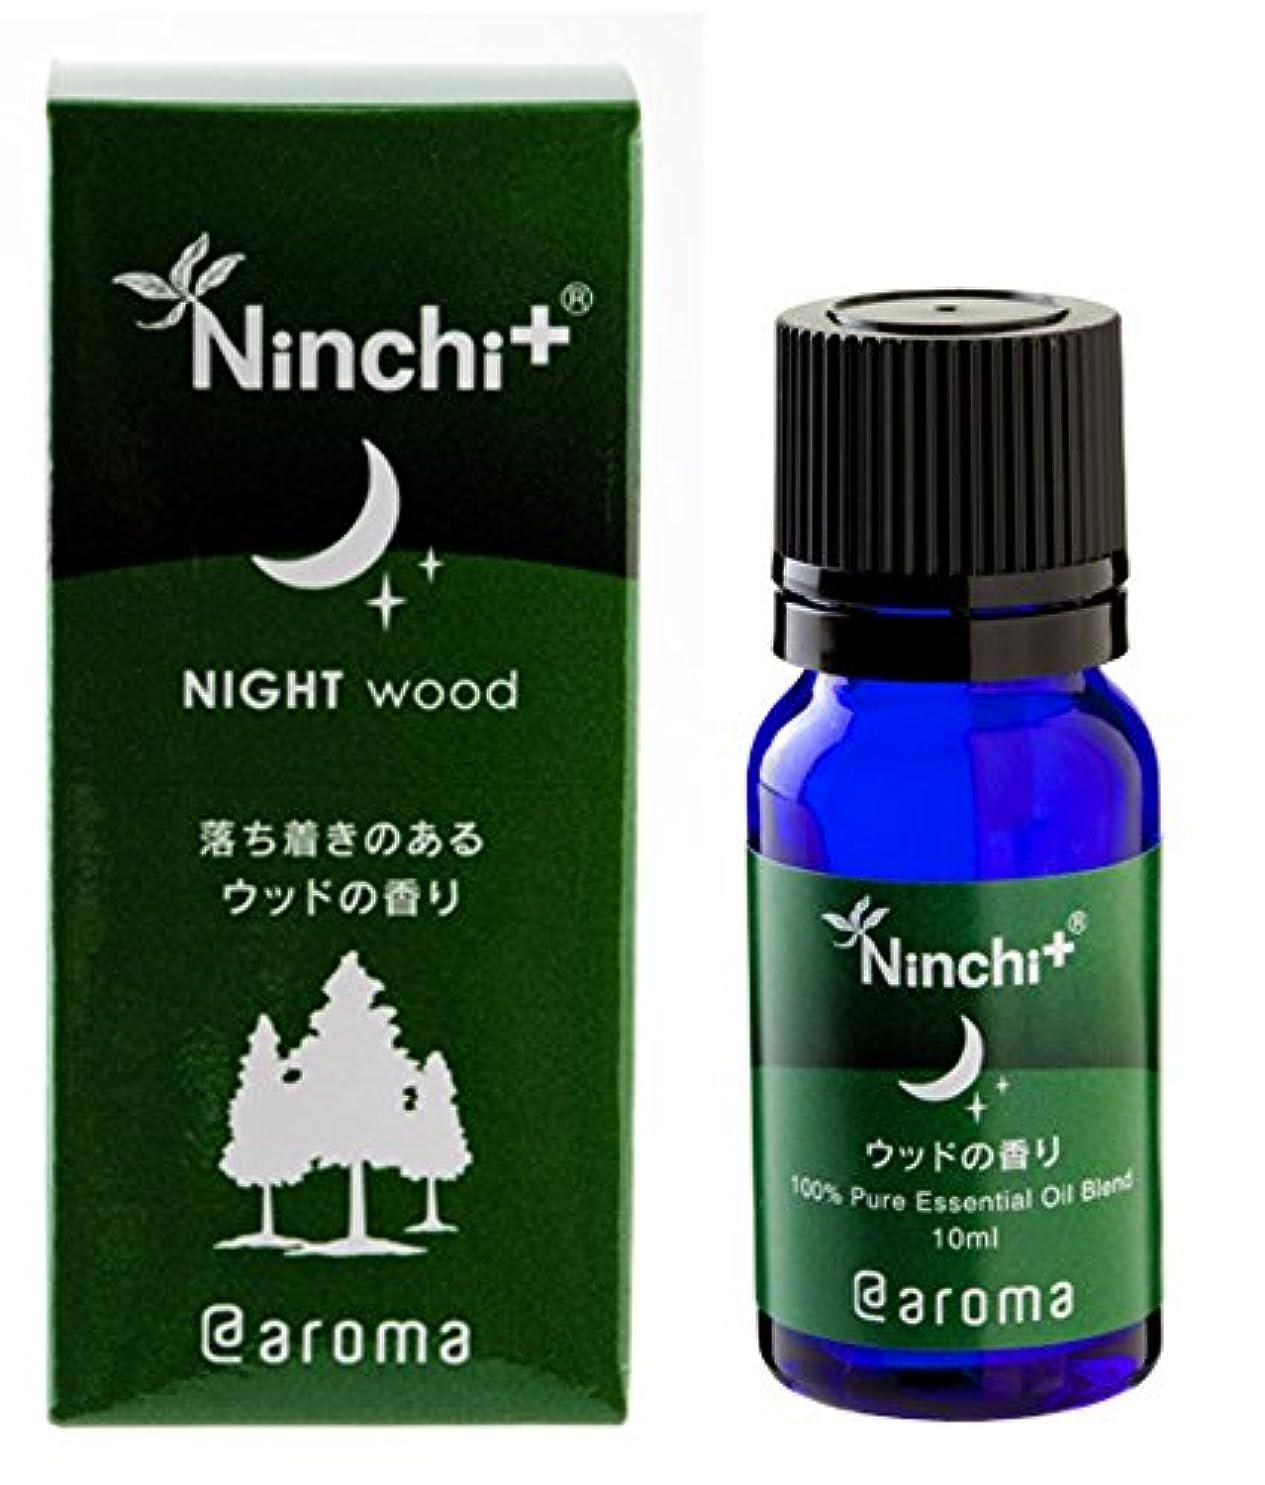 漁師リレー宇宙船Ninchi+ Night ウッド10ml